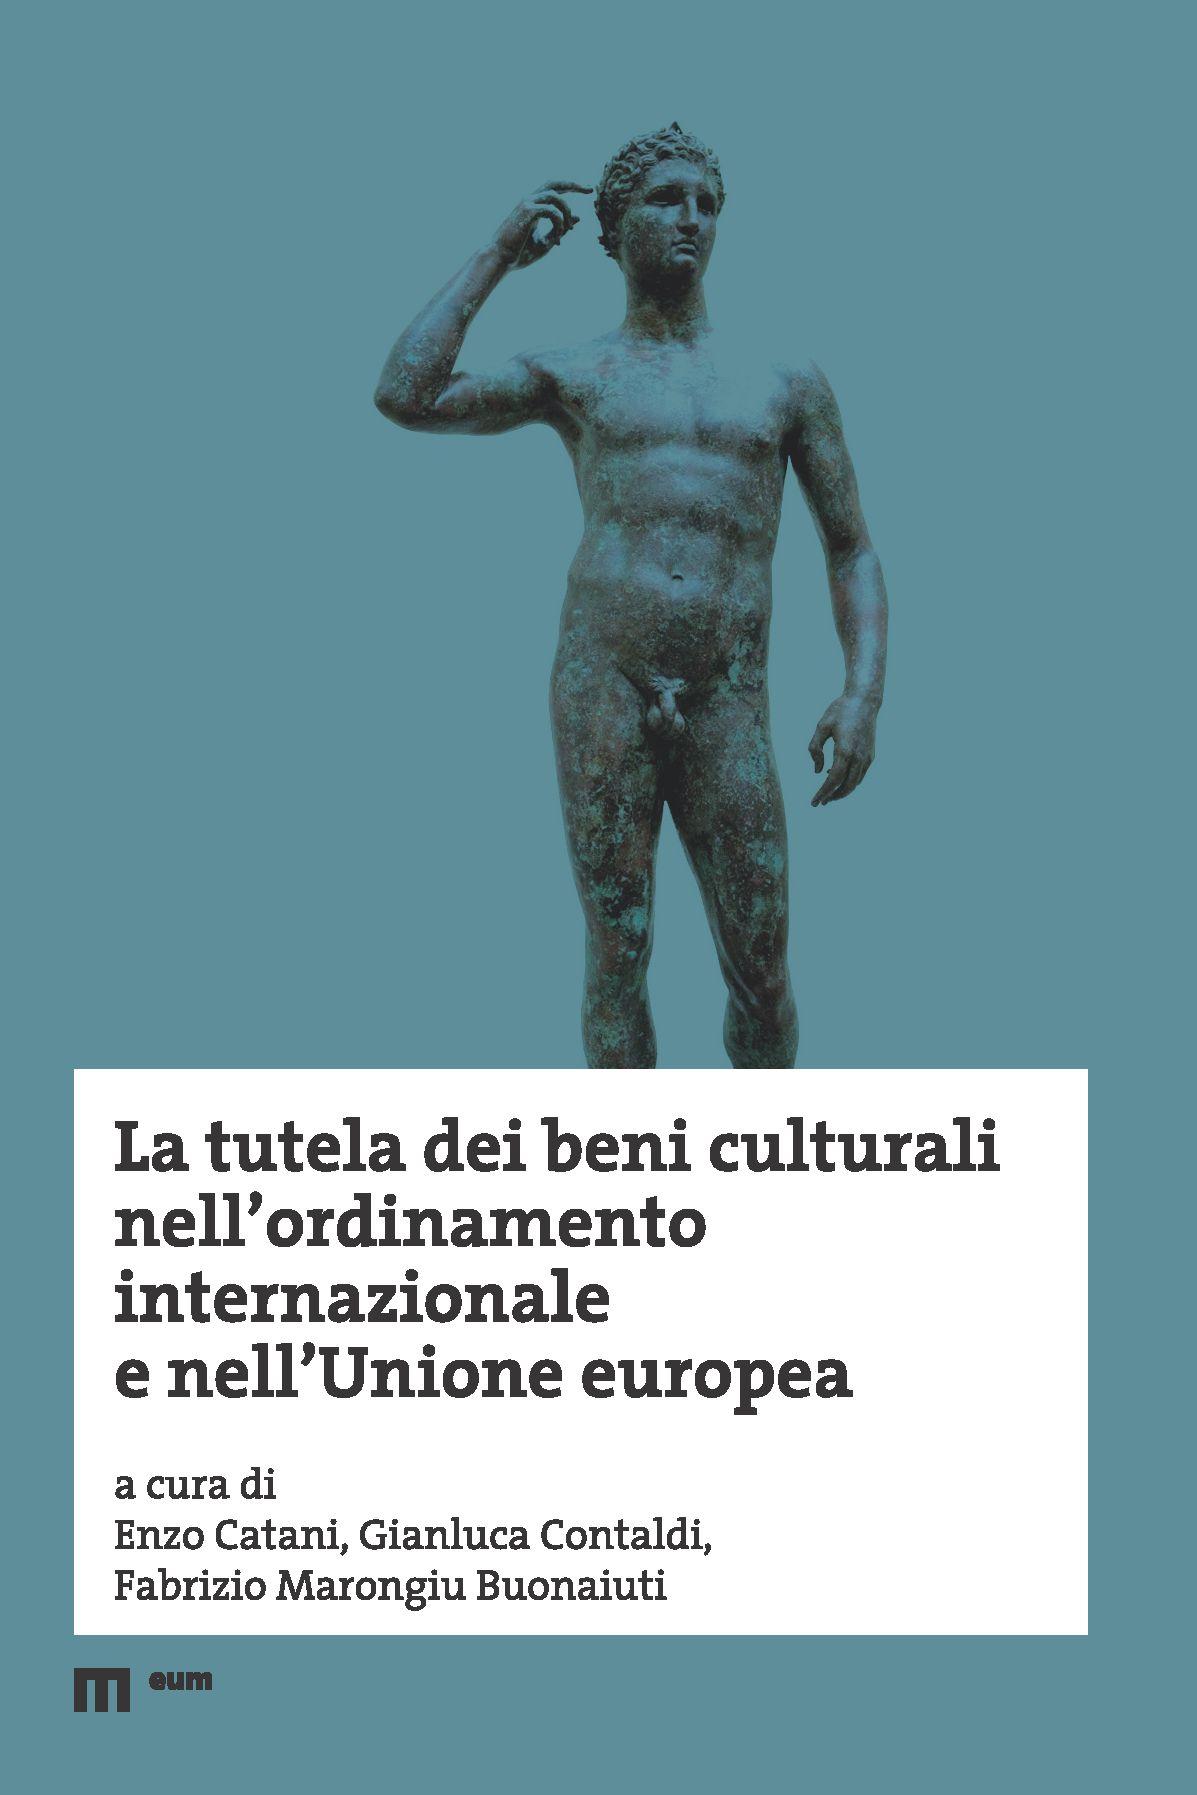 """Pubblicato on line il volume """"La tutela dei beni culturali nell'ordinamento internazionale e nell'Unione europea"""""""